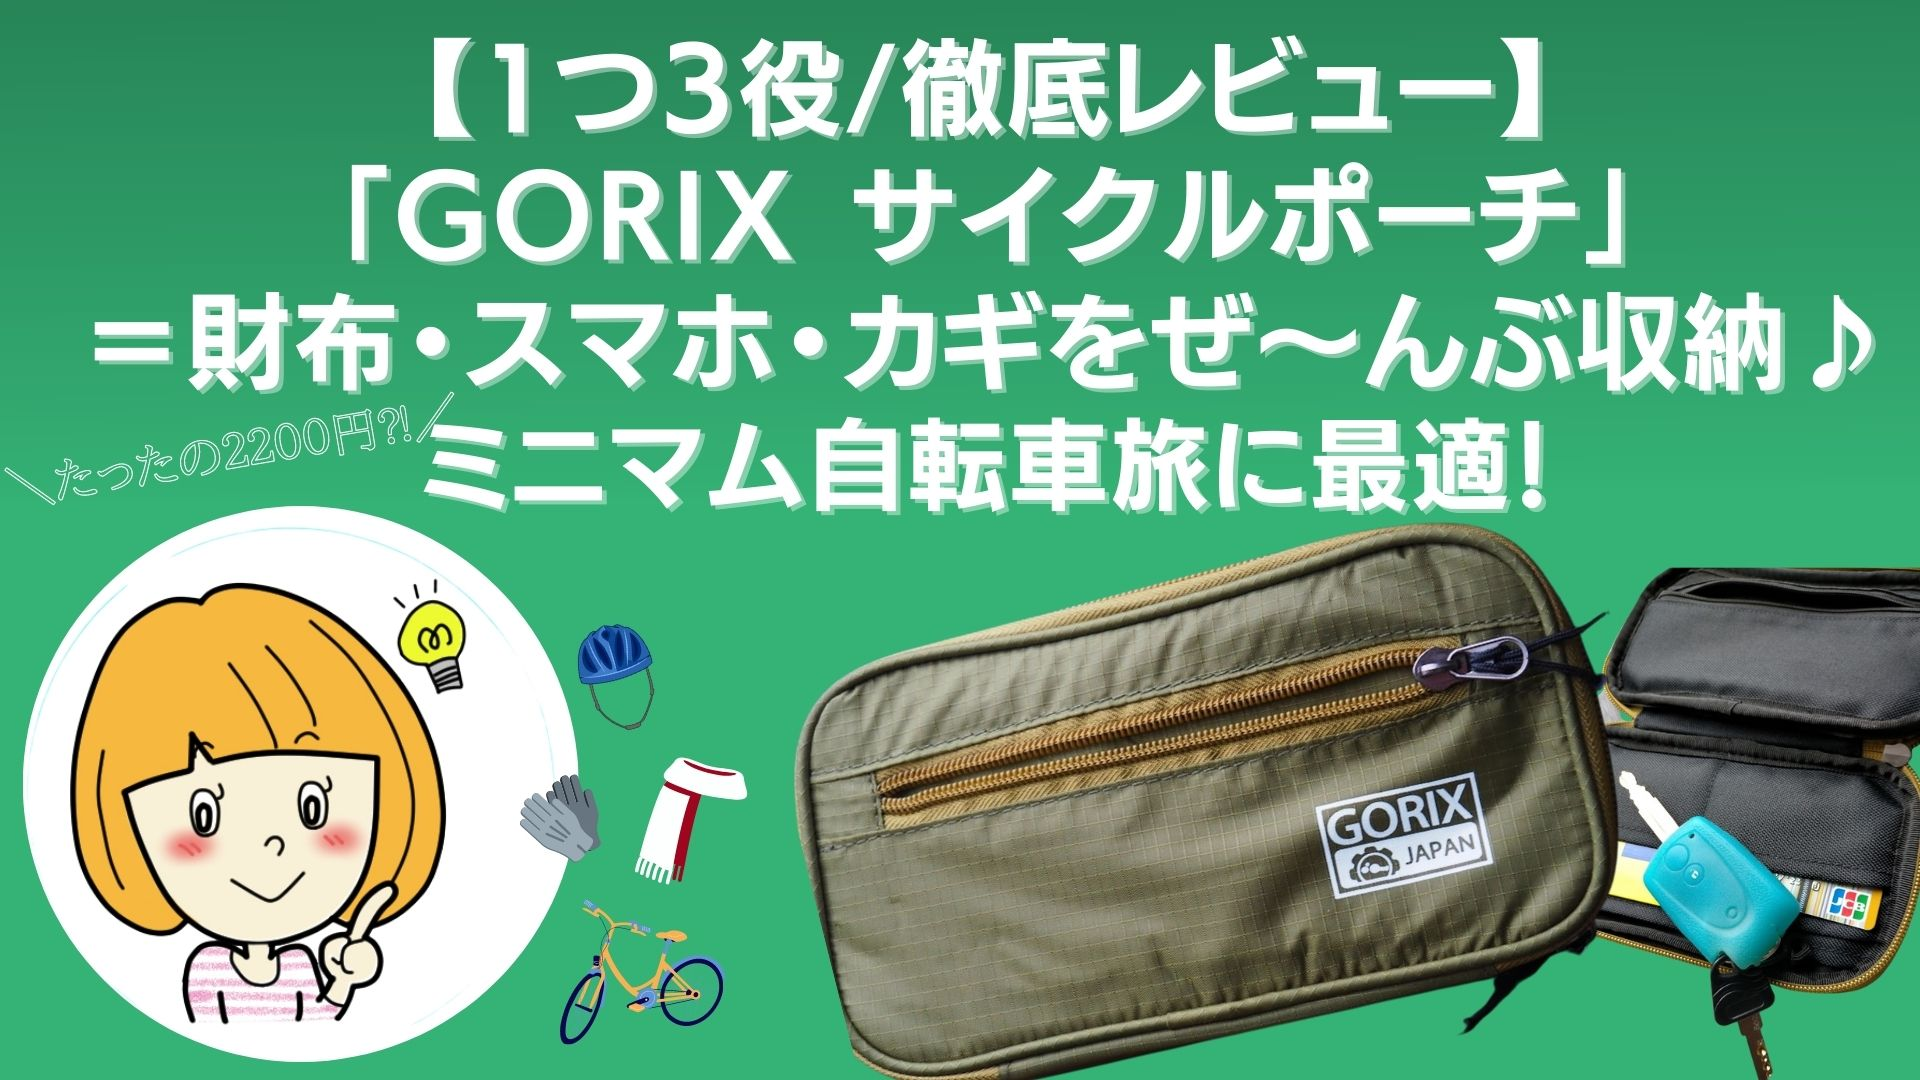 【1つ3役/徹底レビュー】「GORIX サイクルポーチ」=財布・スマホ・カギをぜ〜んぶ収納♪ミニマム自転車旅に最適!